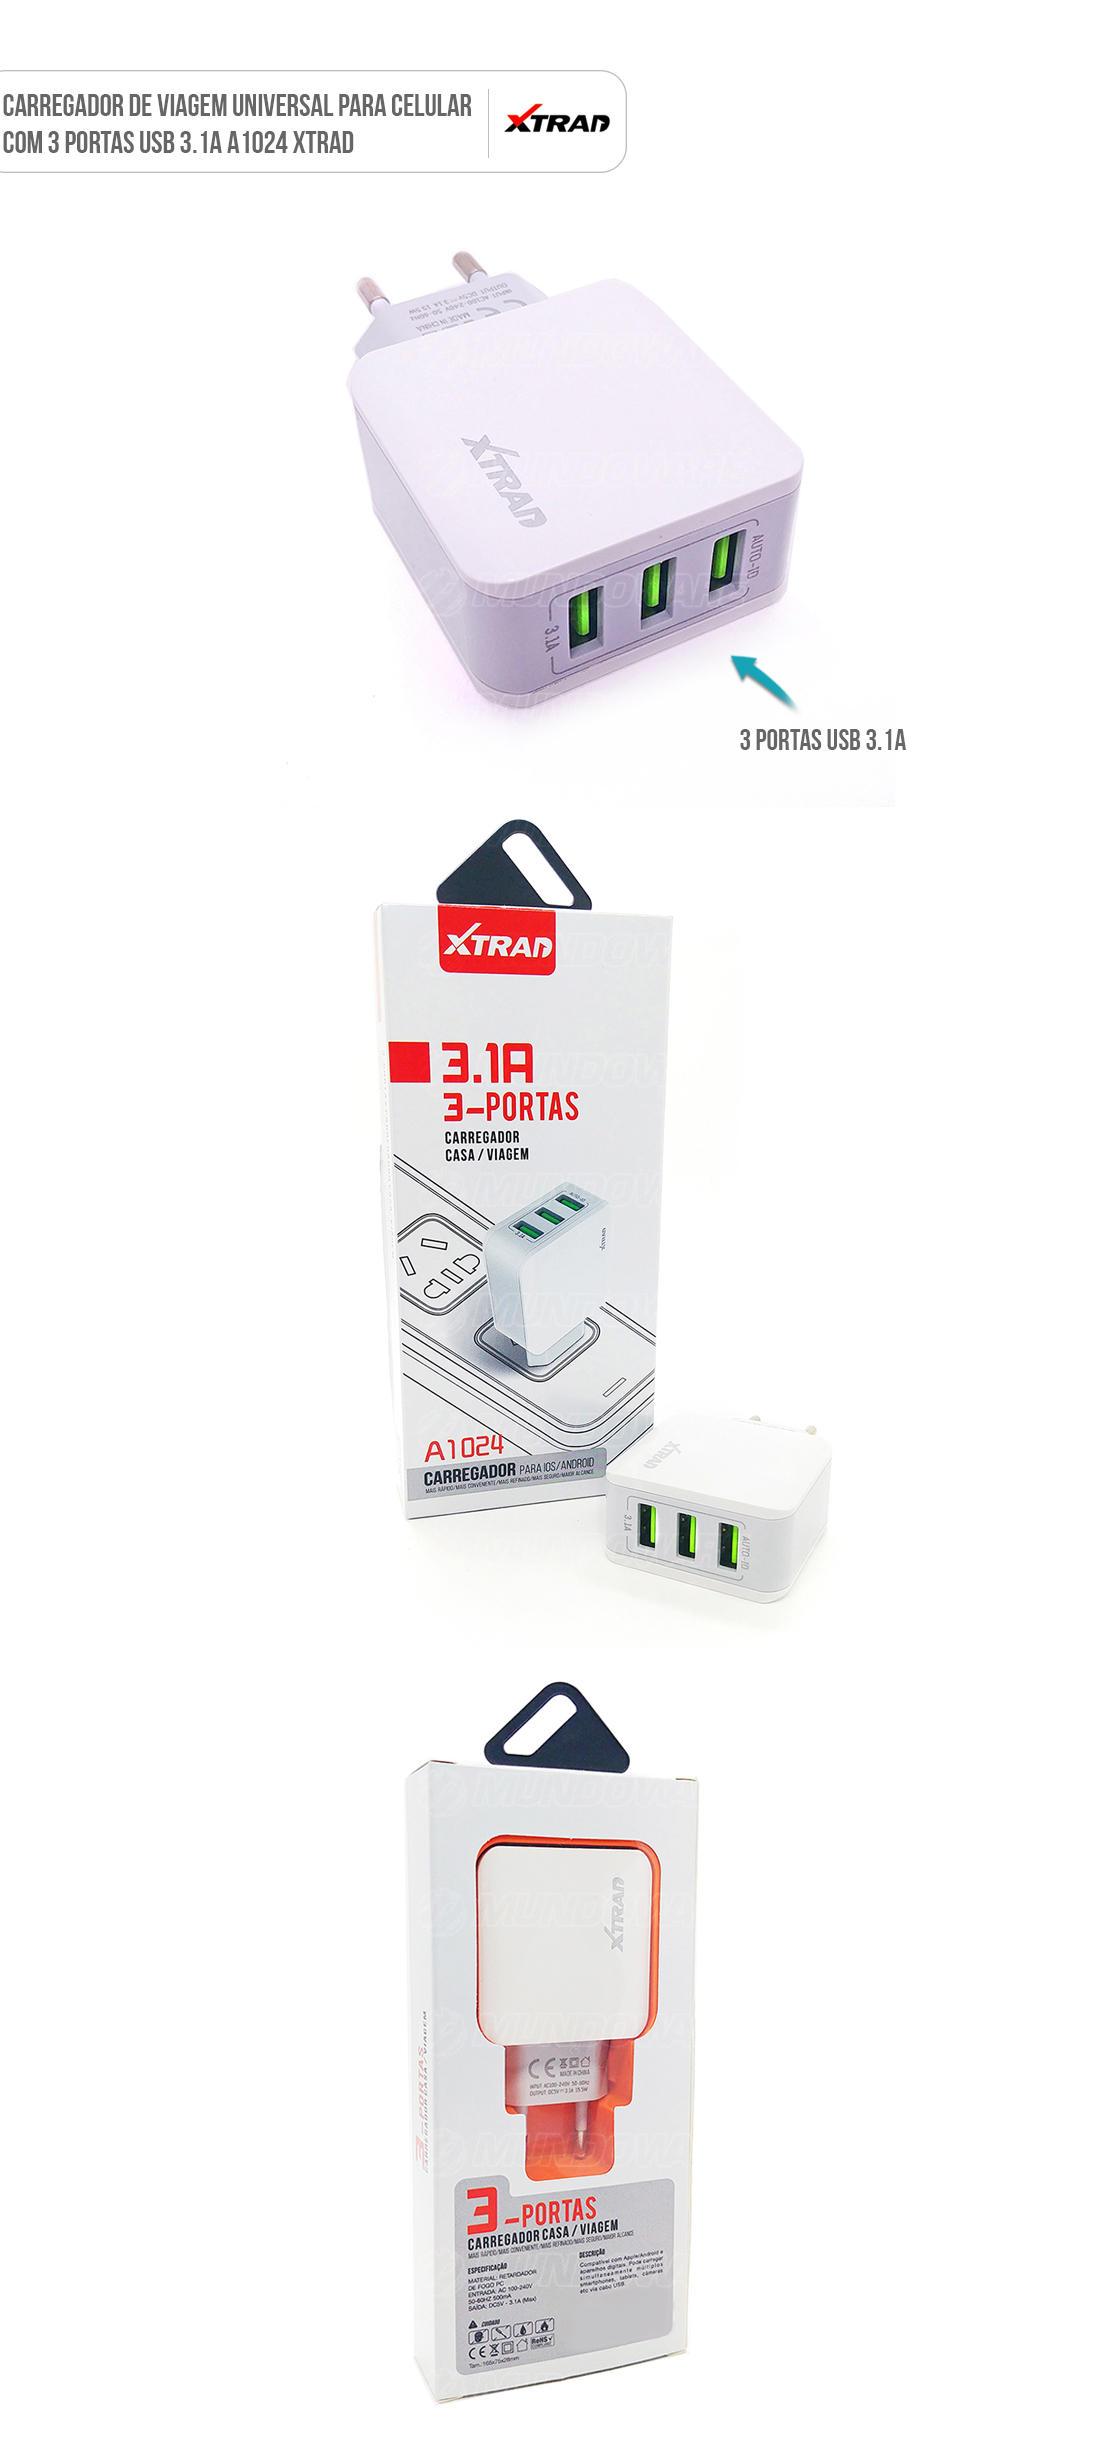 Carregador para Celular de tomada com USB Duplo universal e cabo microusb v8 com cores variadas